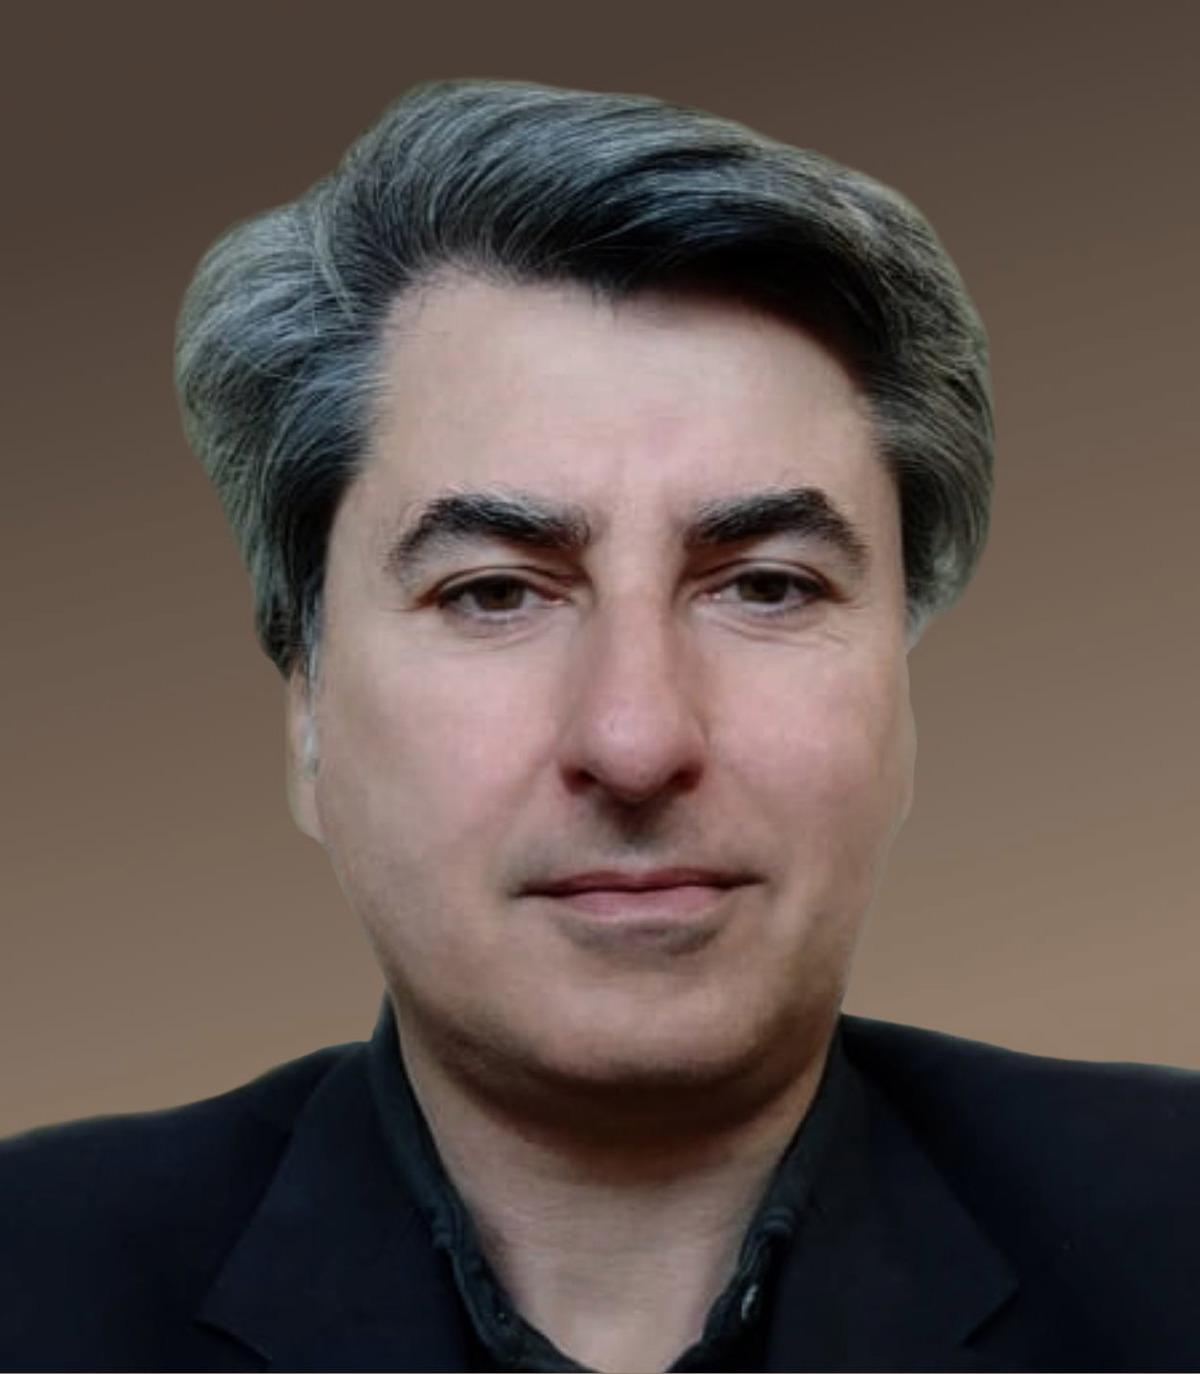 Mr. Mario Aleo